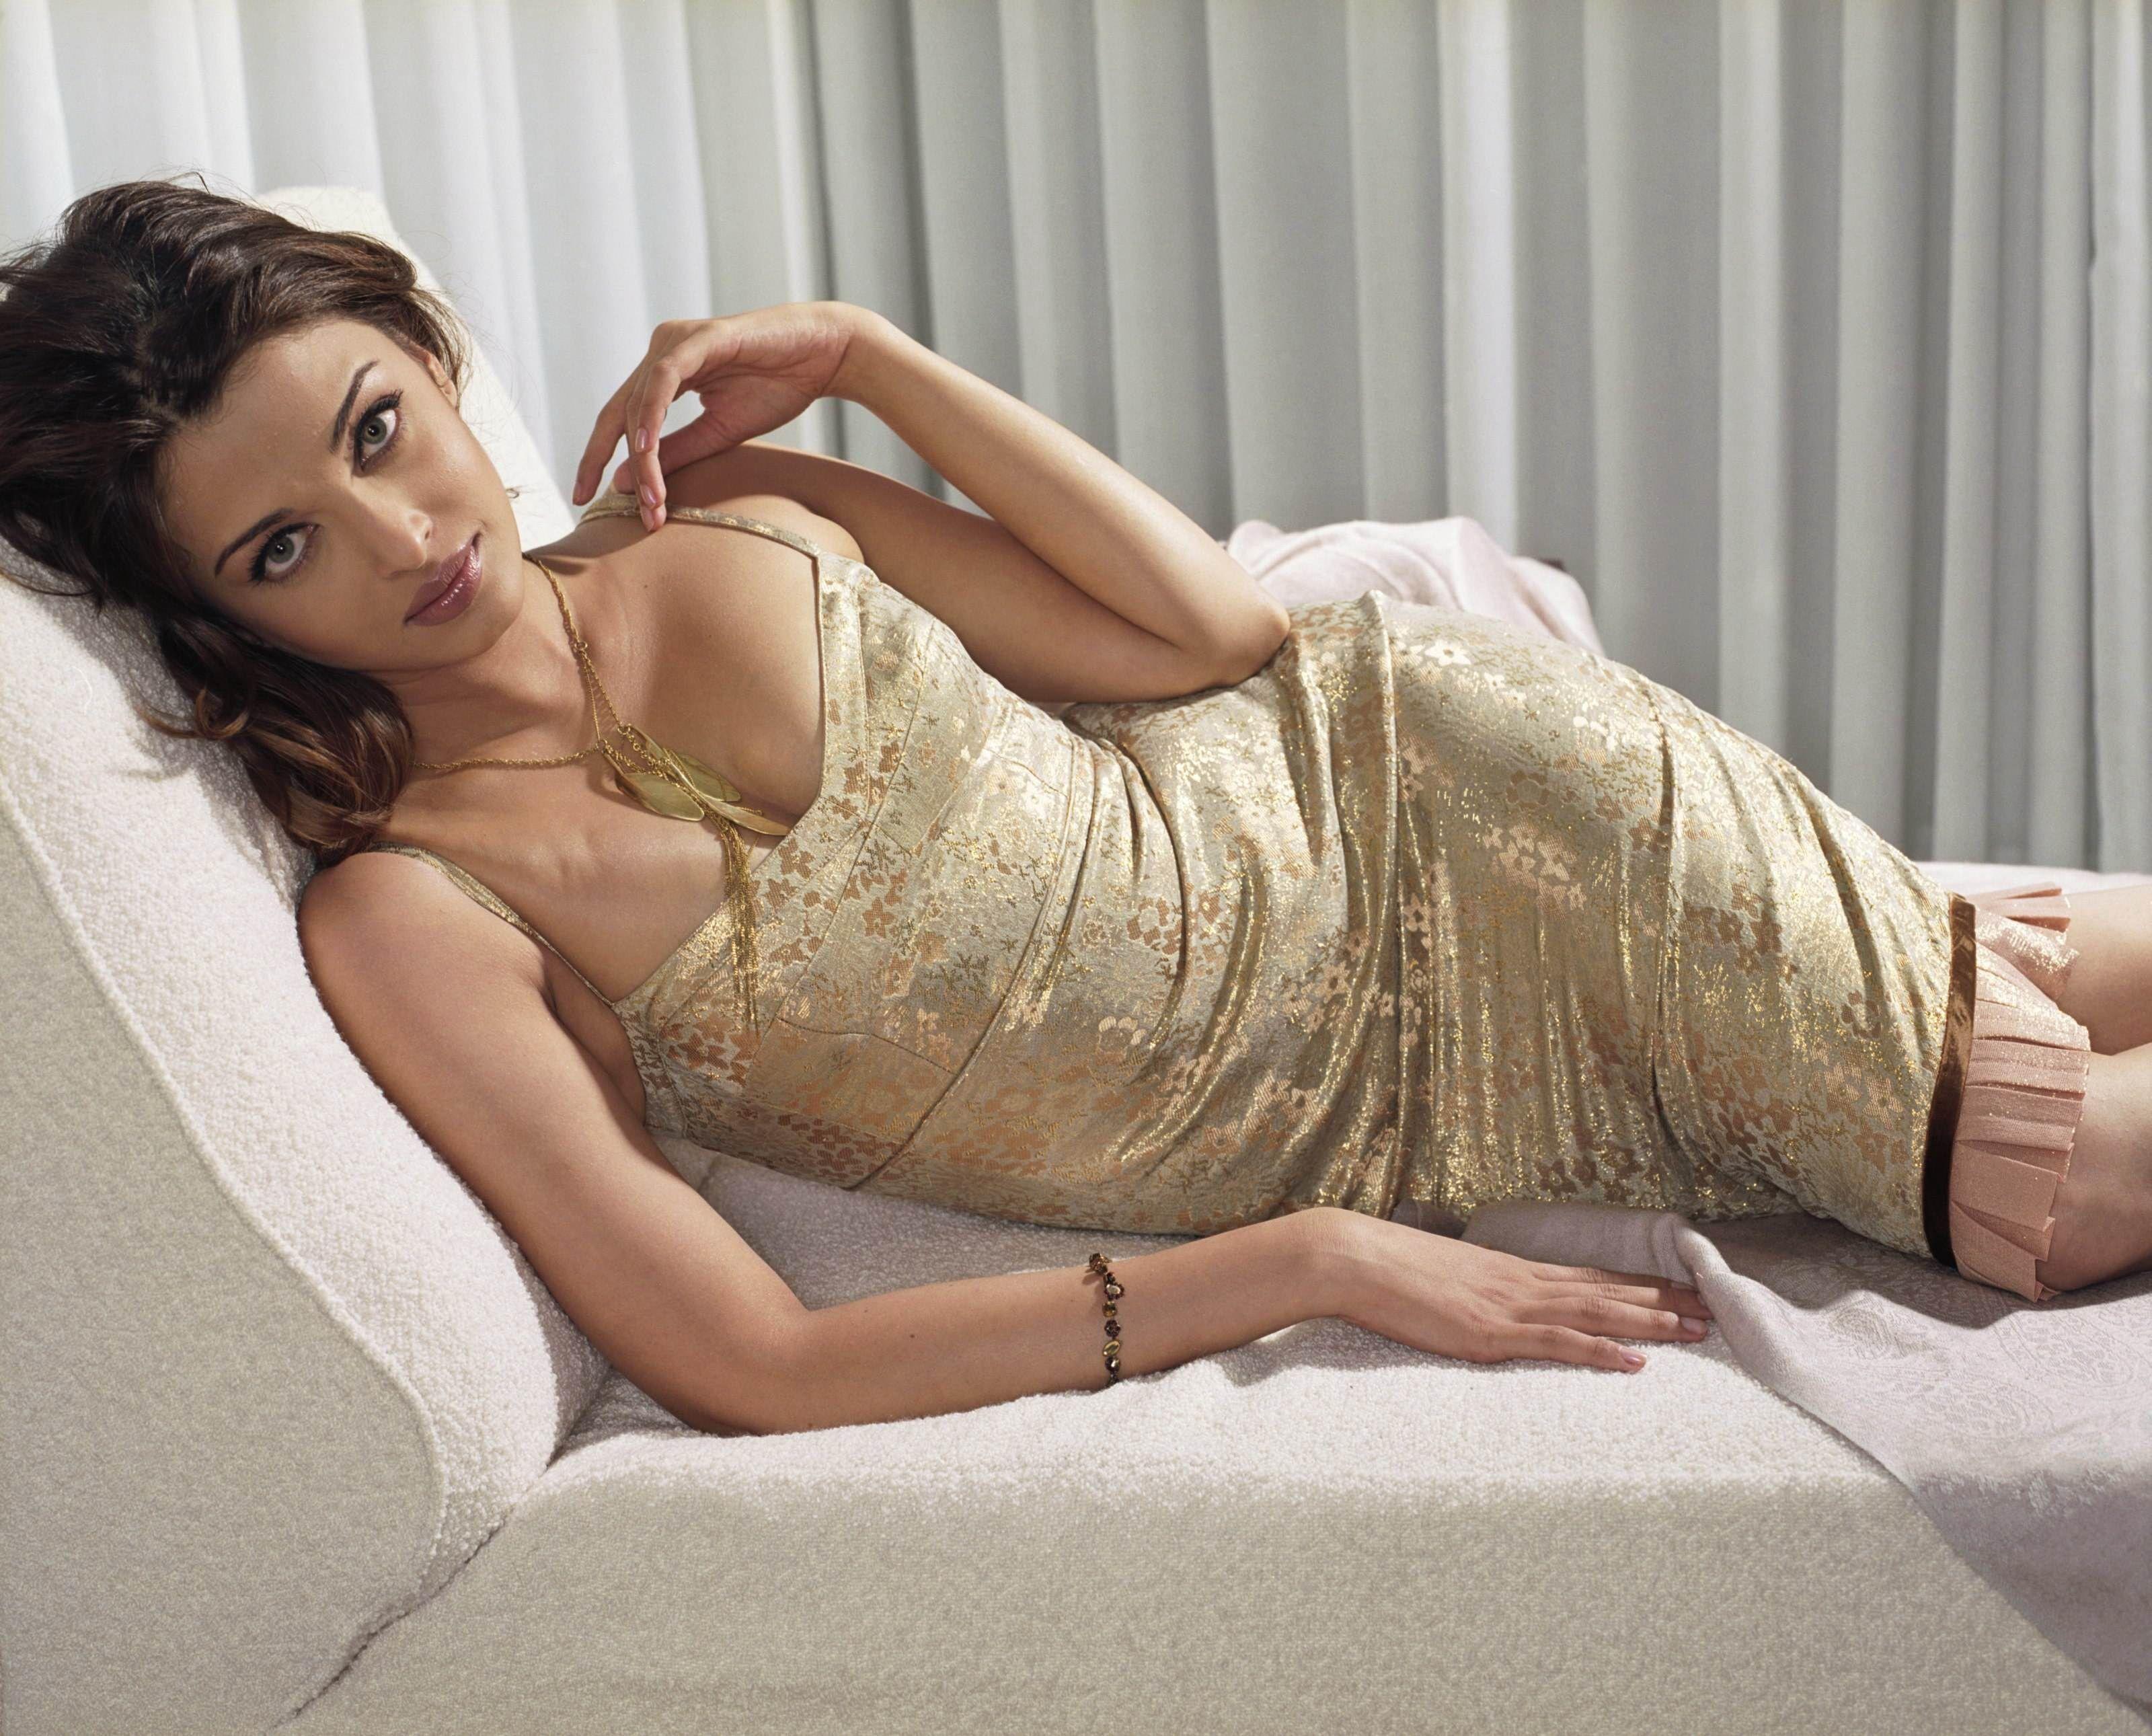 Самая красивая сексуальная дама 16 фотография